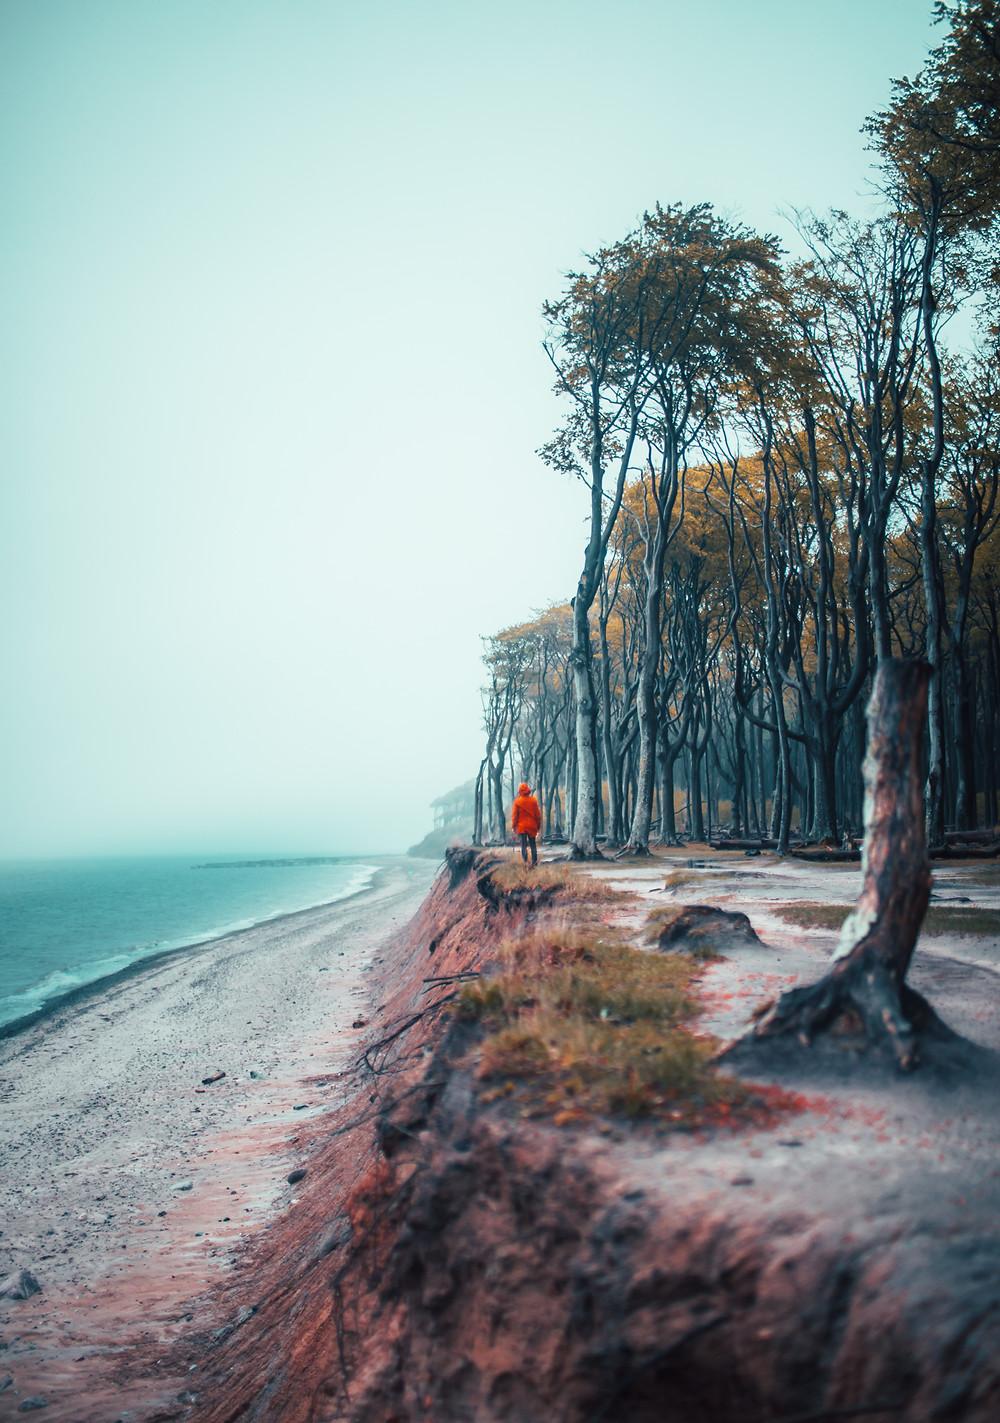 osoba nad brzegiem morza